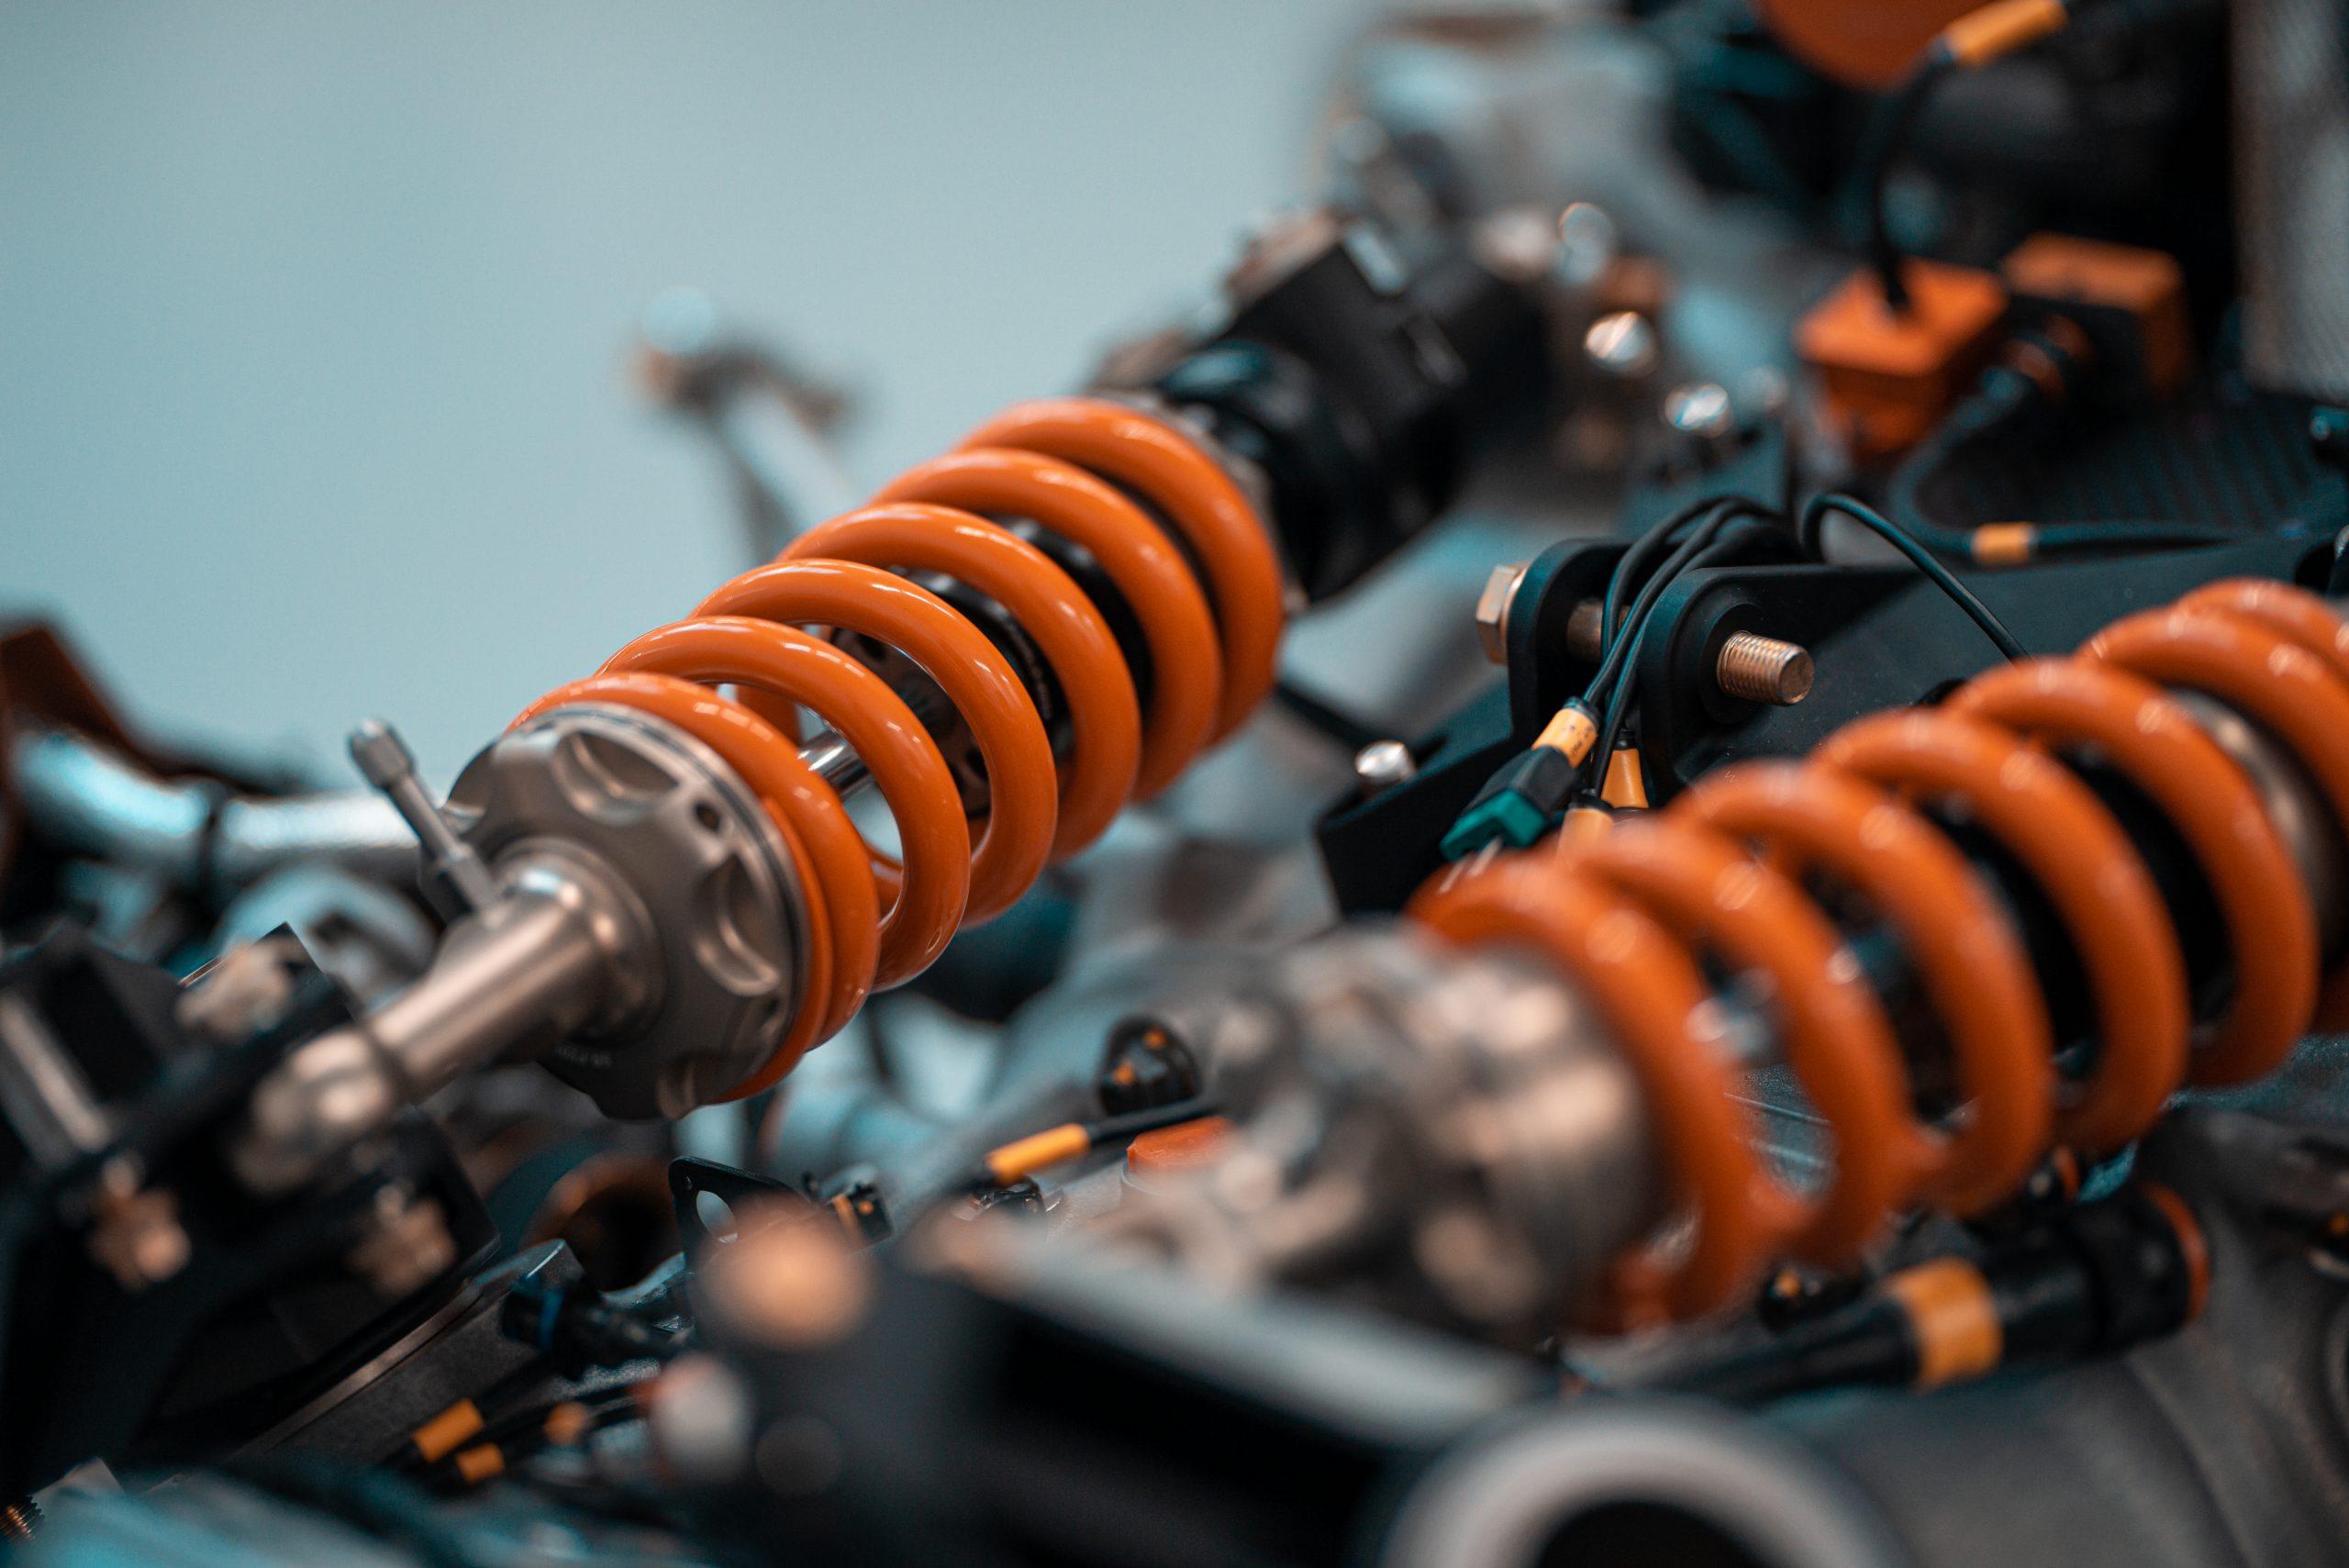 Glickenhaus 007 Hypercar LMH detail coil